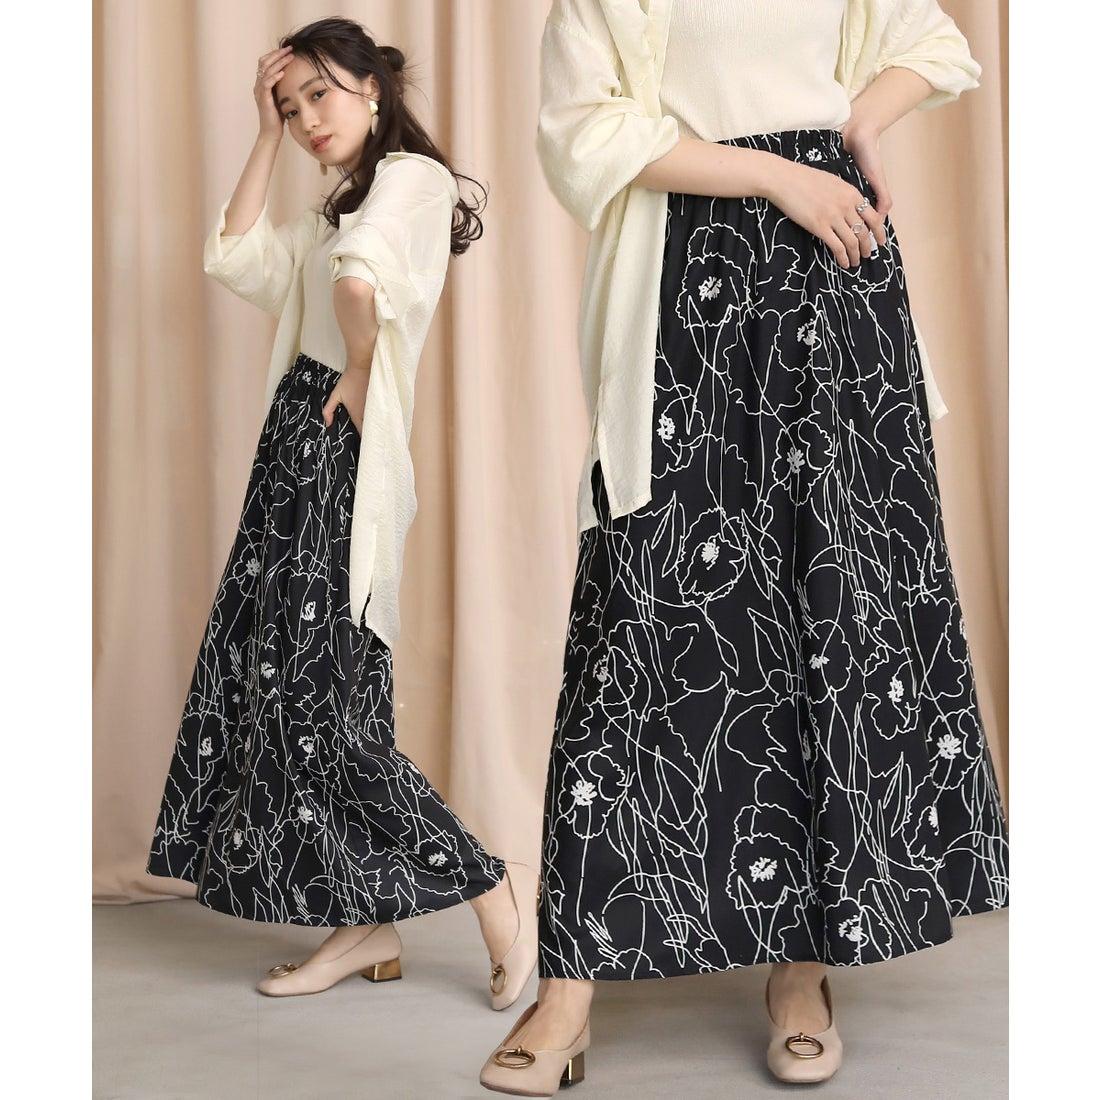 ロコンド 靴とファッションの通販サイトBou Jeloud 新色登場◆アートフラワースカート(ブラック)【返品不可商品】